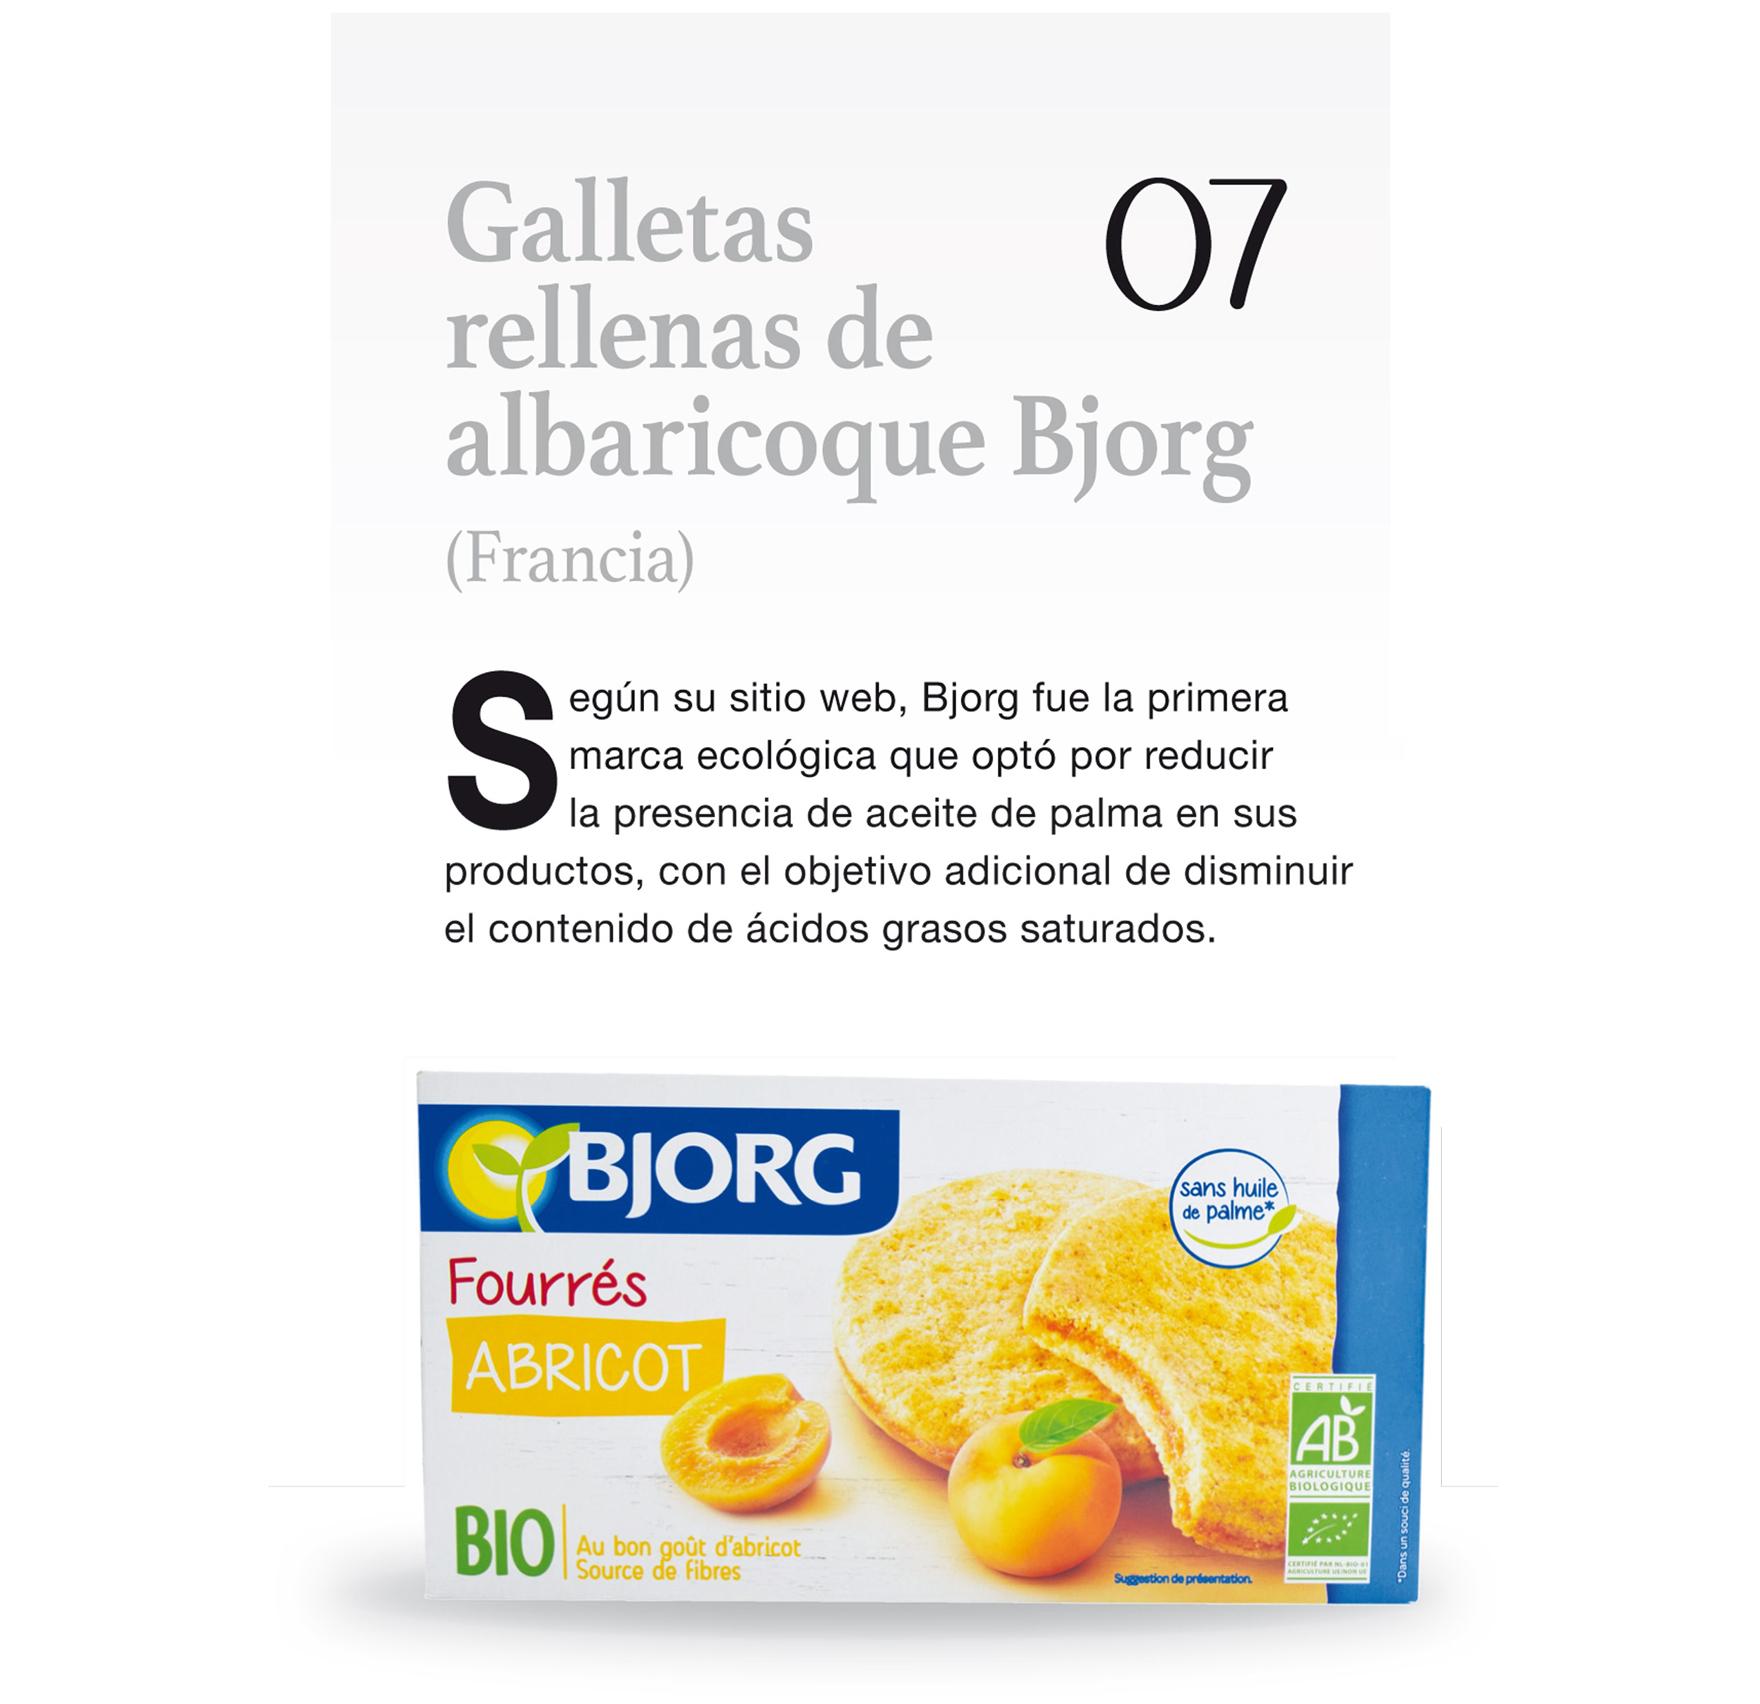 Galletas rellenas de albaricoque Bjorg